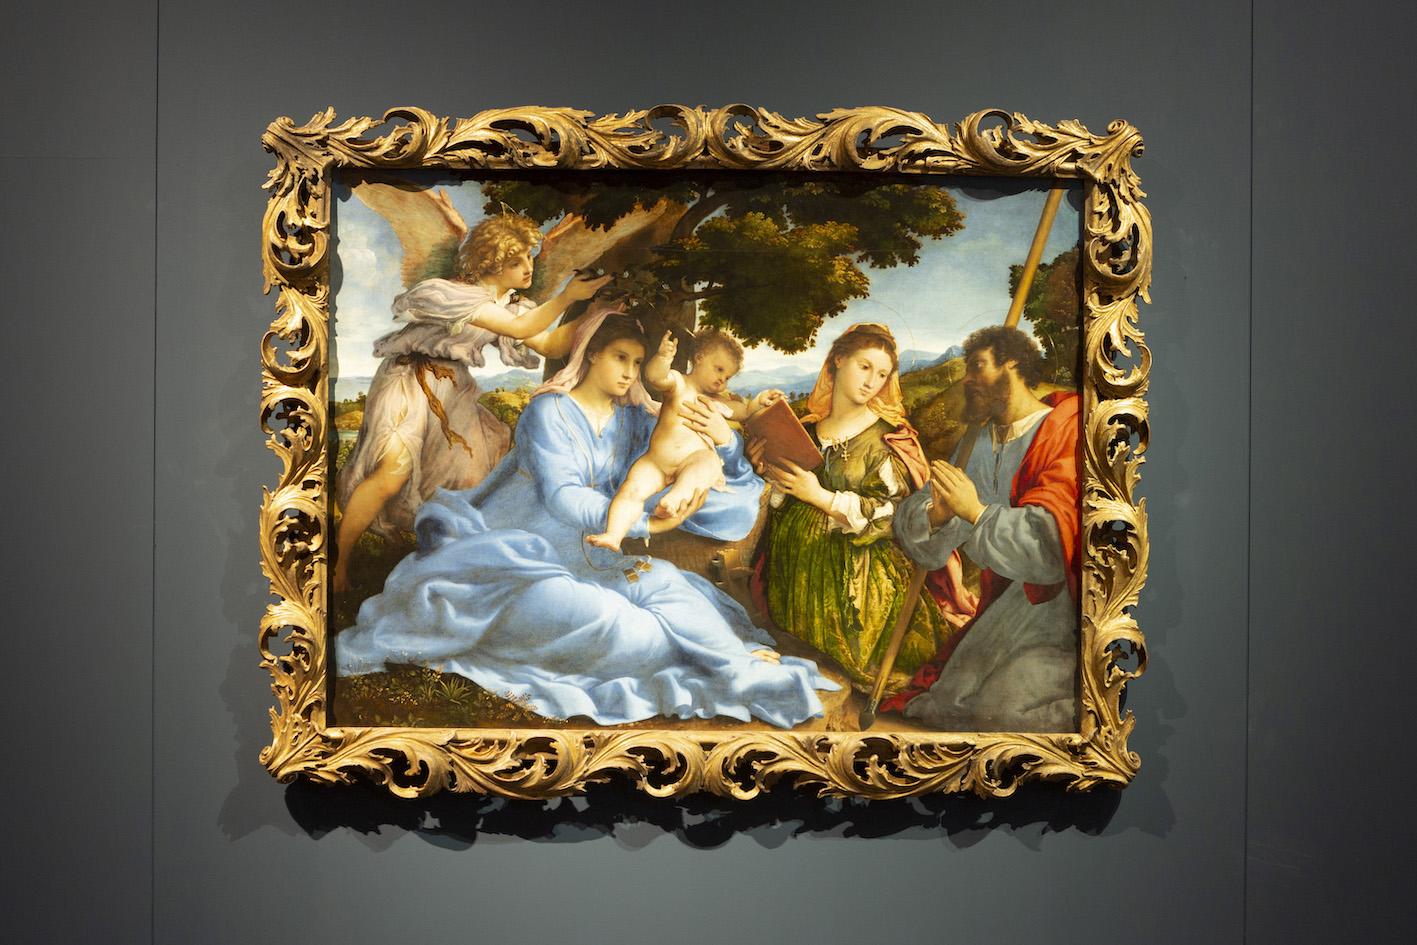 Sacra Conversazione: Lorenzo Lotto è tornato a Venezia. Un capolavoro in mostra alle Gallerie dell'Accademia